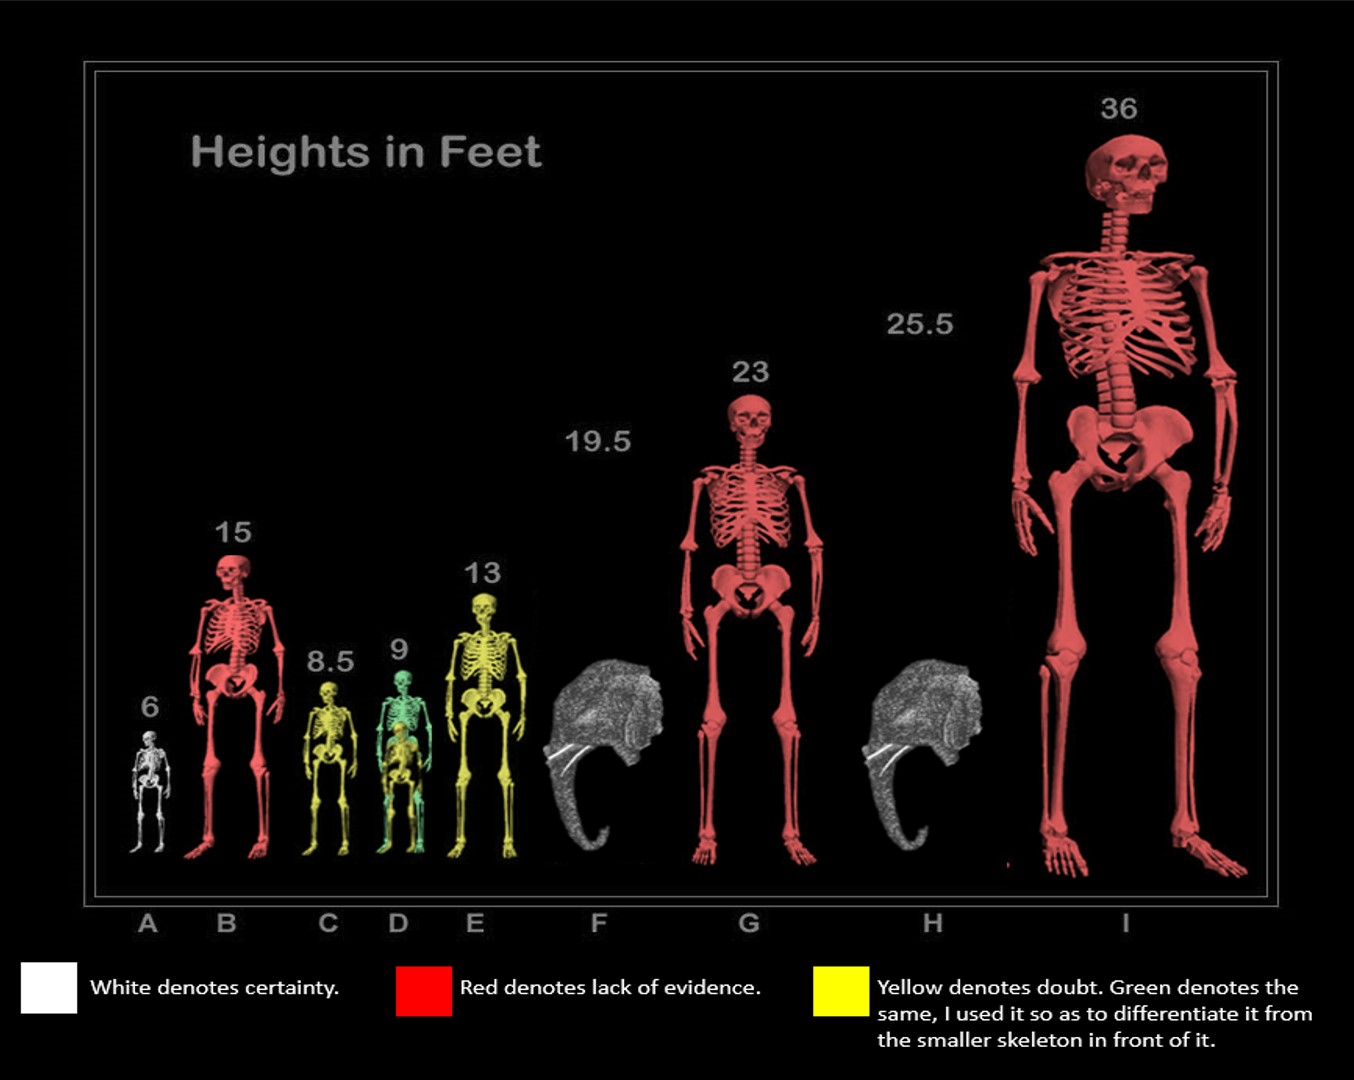 Grading The Giant Human Skeleton Chart True Freethinker